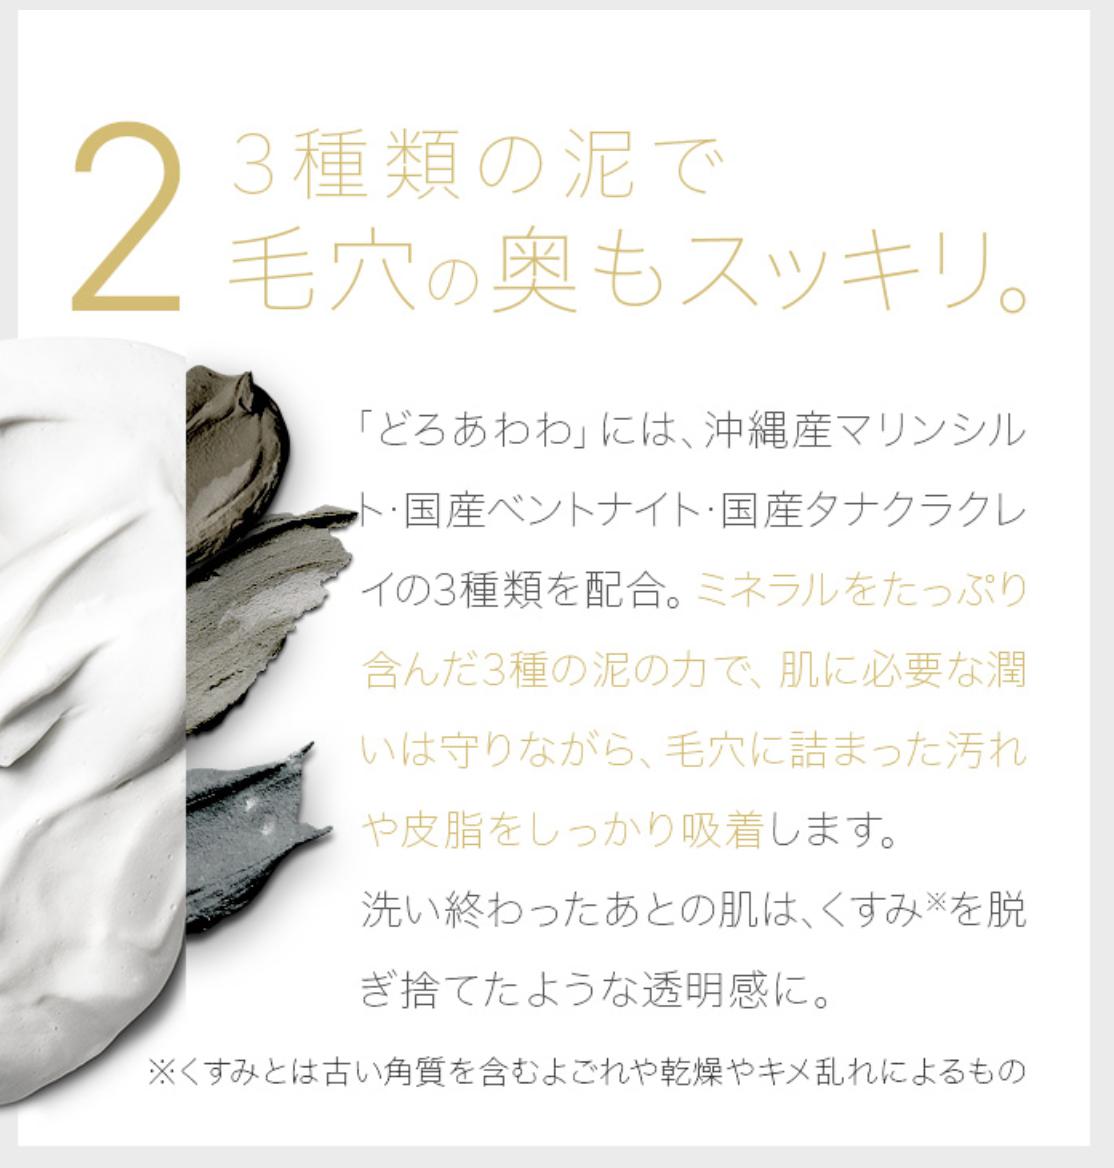 f:id:yuzubaferret:20191019221839p:plain